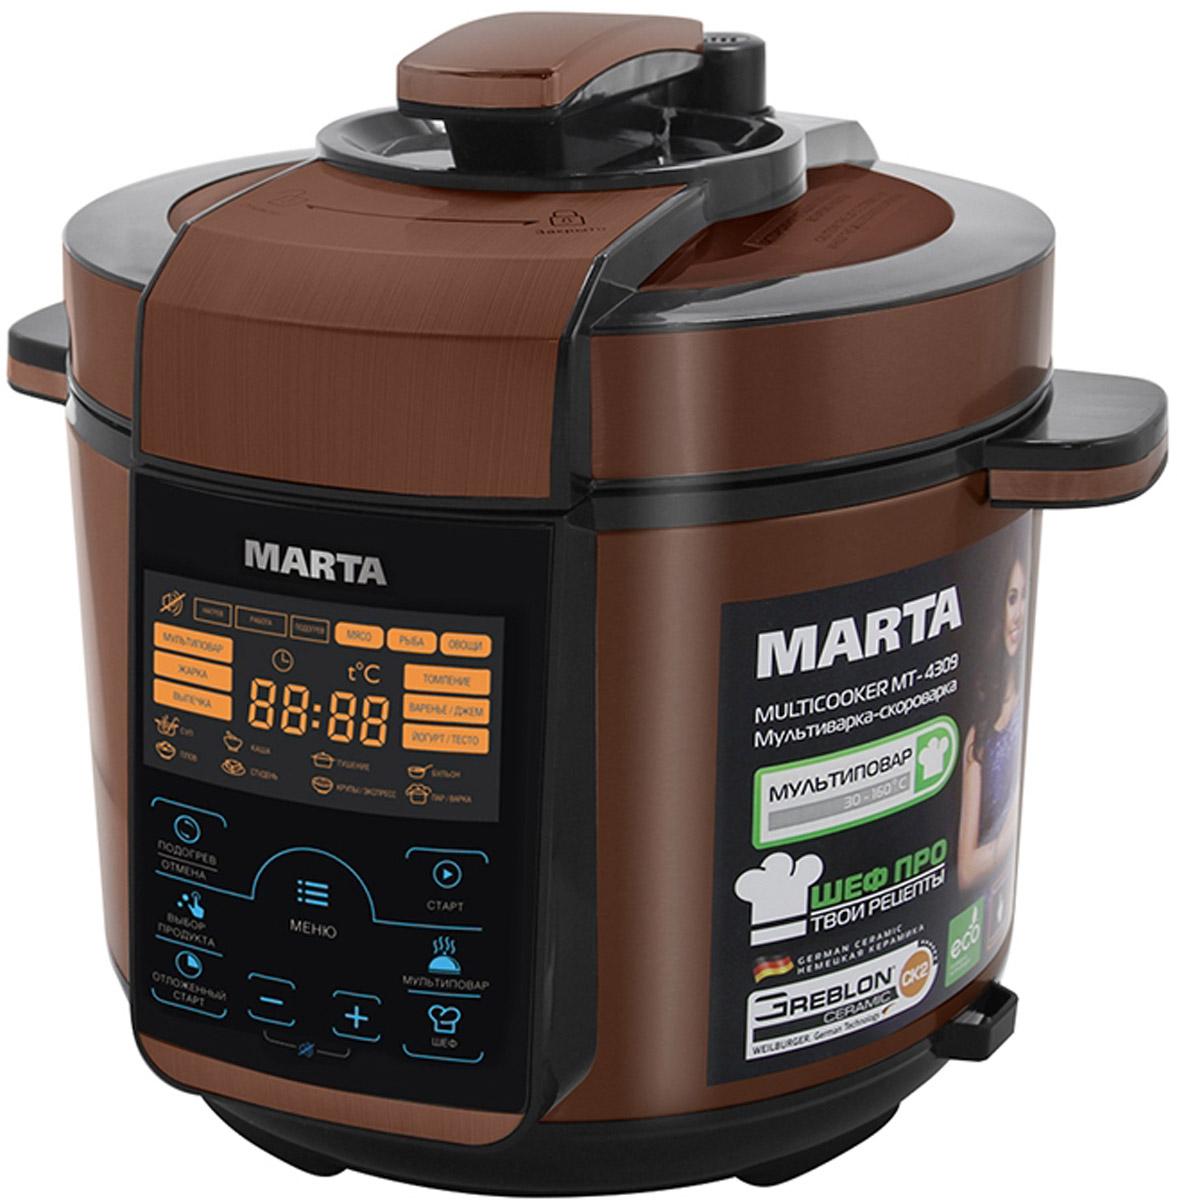 Marta MT-4309, Black Cooper мультиваркаMT-4309MARTA представляет новую уникальную мультиварку-скороварку, обладающую совершенным дизайном и всеми возможными функциями. Это настоящий прибор 2 в 1 - мультиварка и скороварка! Он позволяет готовить с давлением и без давления. МАRТА МТ-4309 комплектуется толстостенной чашей с немецким керамическим покрытием GREBLON CK2. Главной особенностью модели МАRТА МТ-4309 является то, что это универсальное устройство, которое совмещает функции мультиварки и скороварки. В ней есть программы, которые используют технологию приготовления пищи под давлением, а есть программы, присущие простым мультиваркам, в которых приготовление происходит без давления. Ваше блюдо никогда не подгорит, сохранит свой вкус, аромат и витамины. Сенсорное управление позволит с легкостью управляться 45 программами приготовления, из которых 21 - полностью автоматическая: 15 работают в режиме скороварки, а 6 - в режиме мультиварки. Остальные 24 программы настраиваются вручную. А для полного...